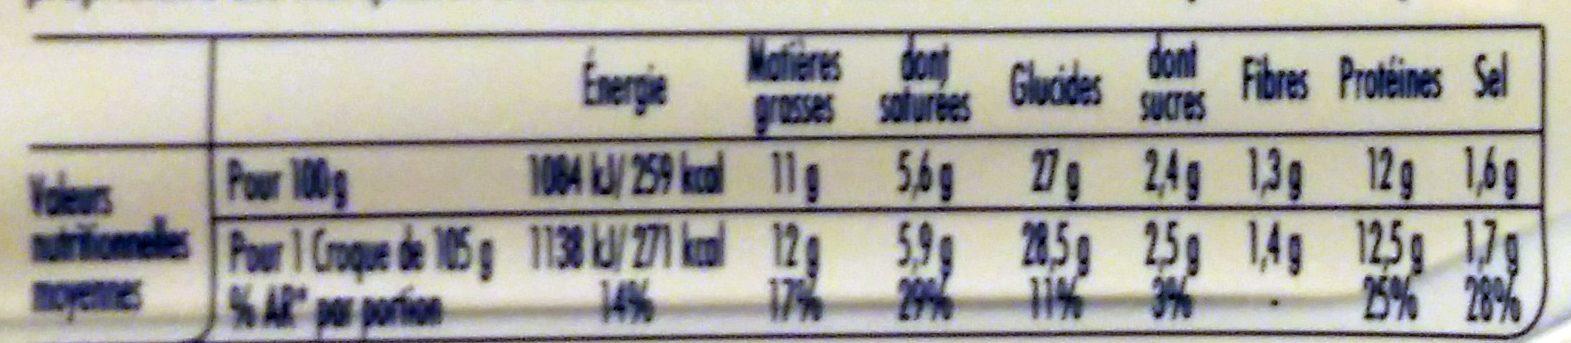 Tendre Croc' L'Original Jambon Fromage Format Familial - Informations nutritionnelles - fr